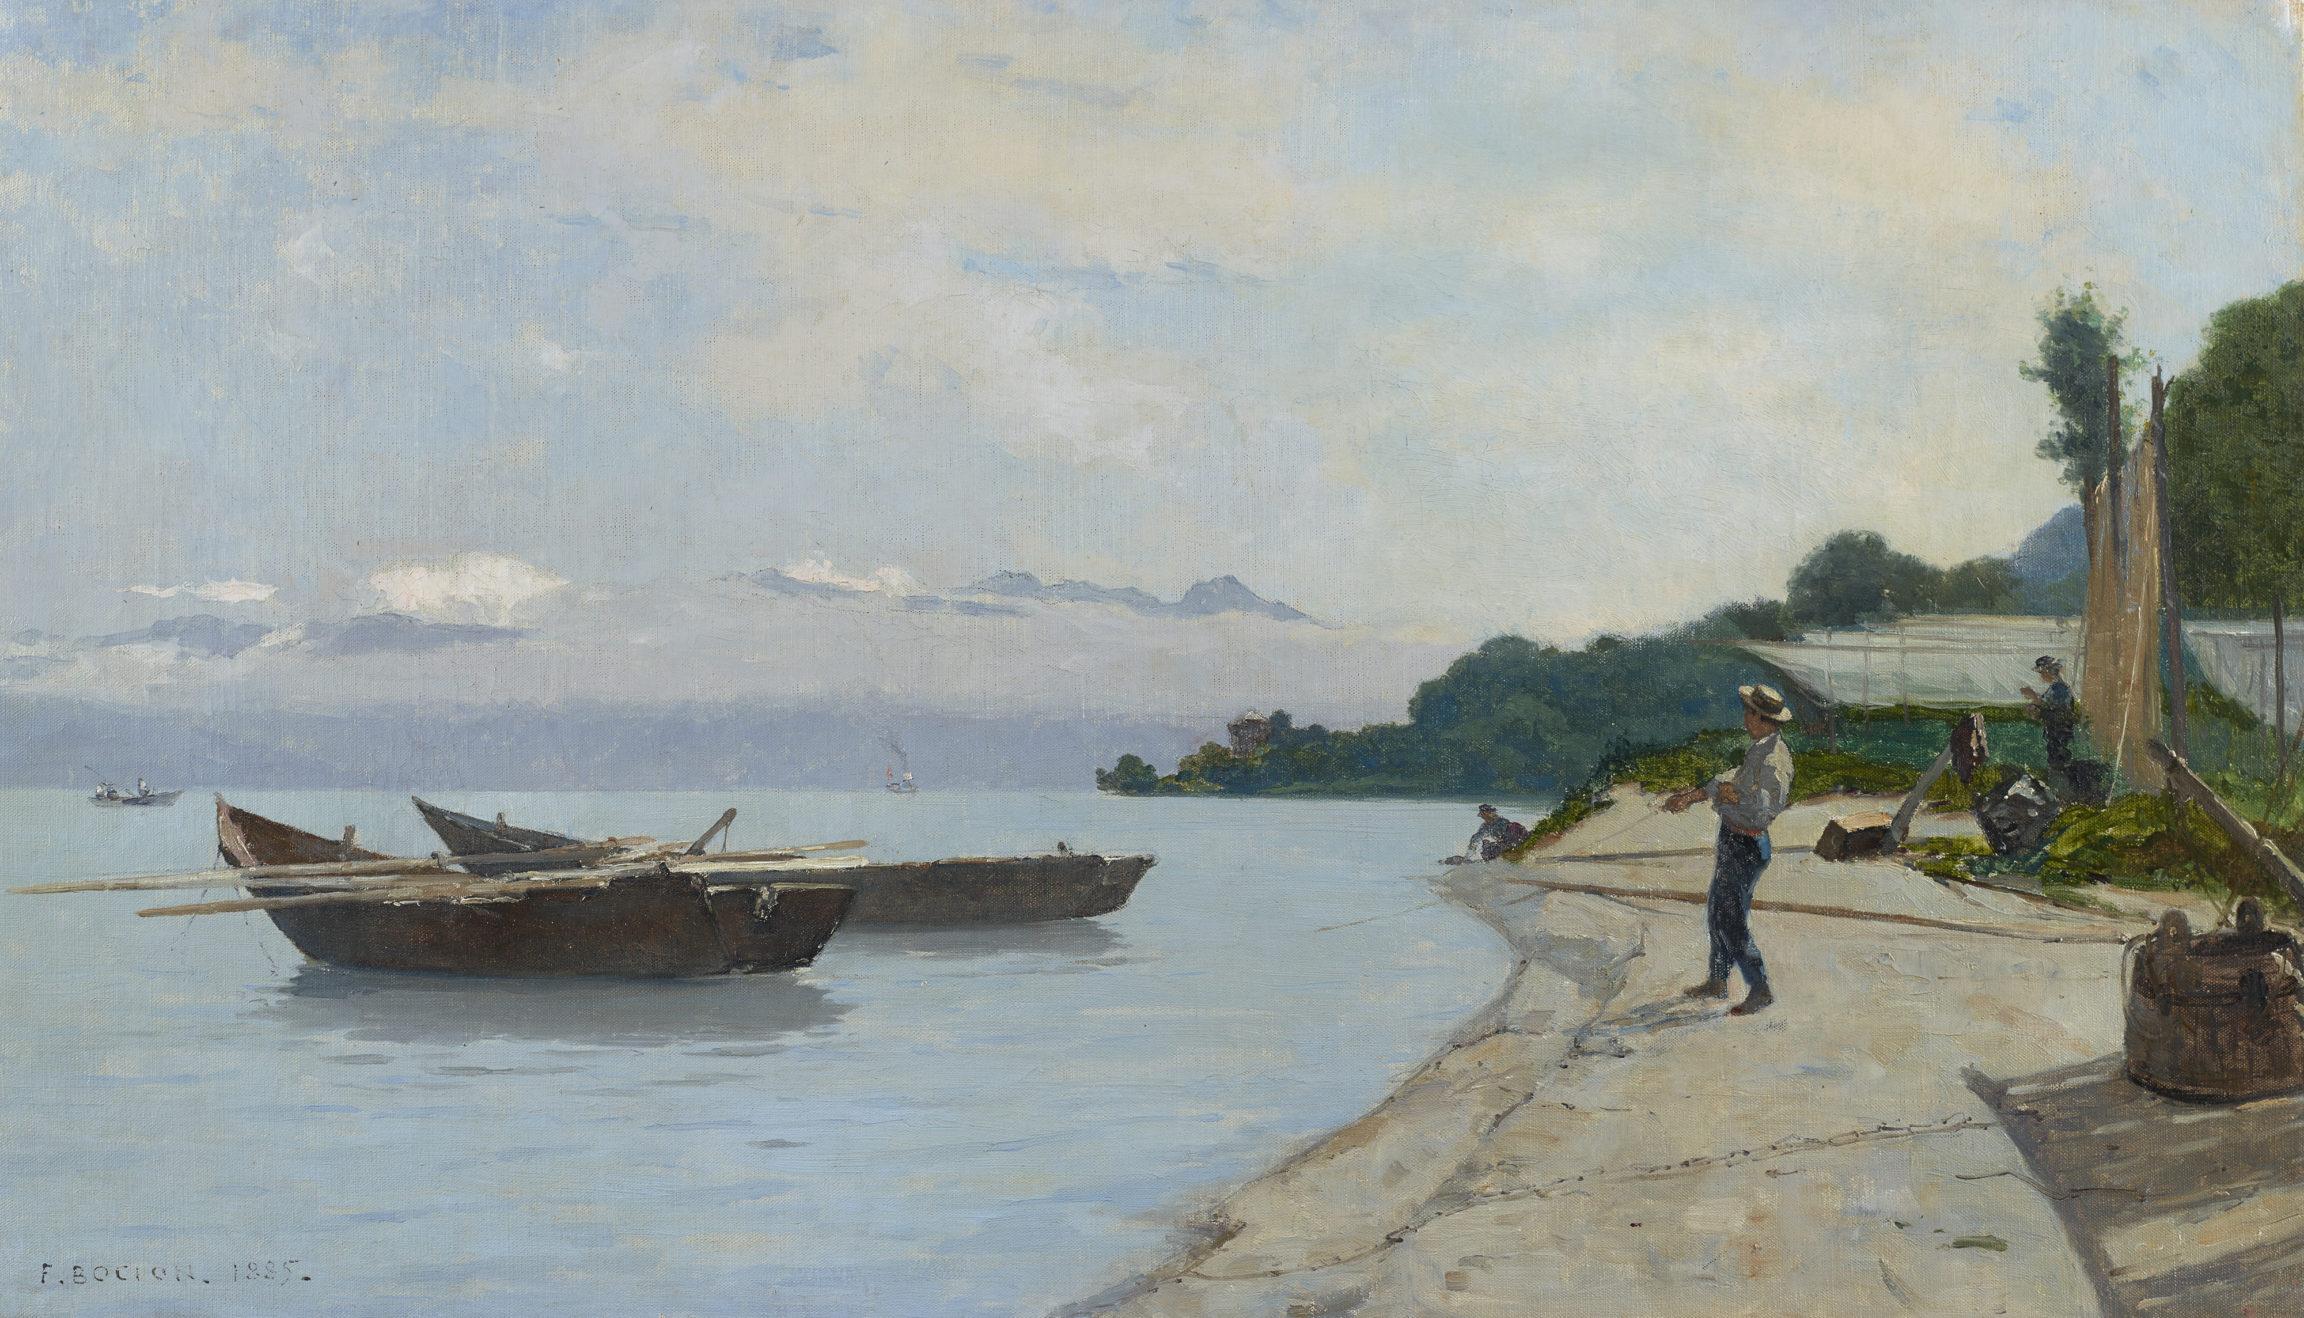 François Bocion, Lac et pêcheurs, 1885